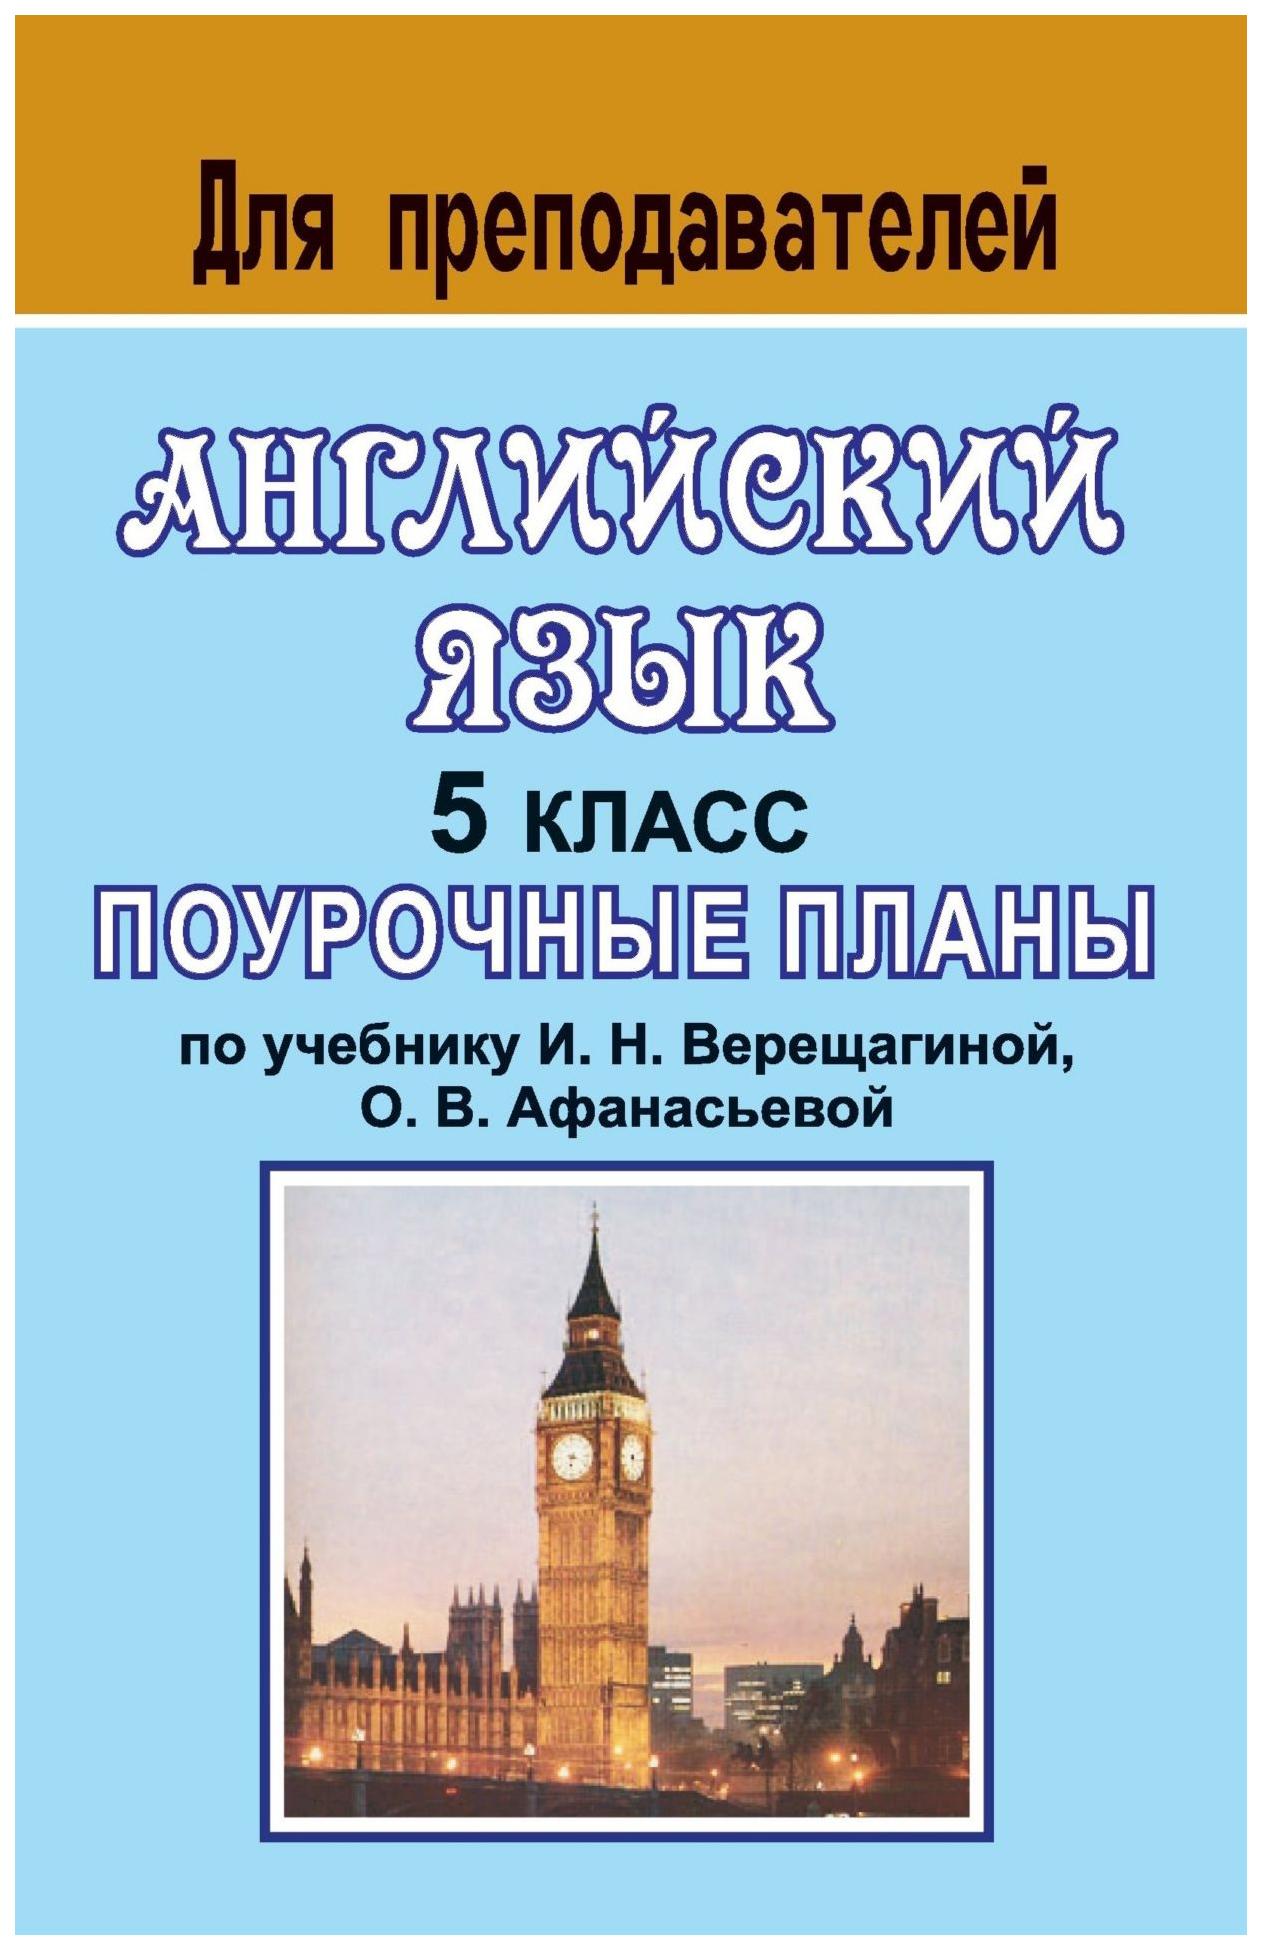 Английский язык. 5 класс: поурочные планы по учебнику И. Н. Верещагиной, О. В. Афанасьевой